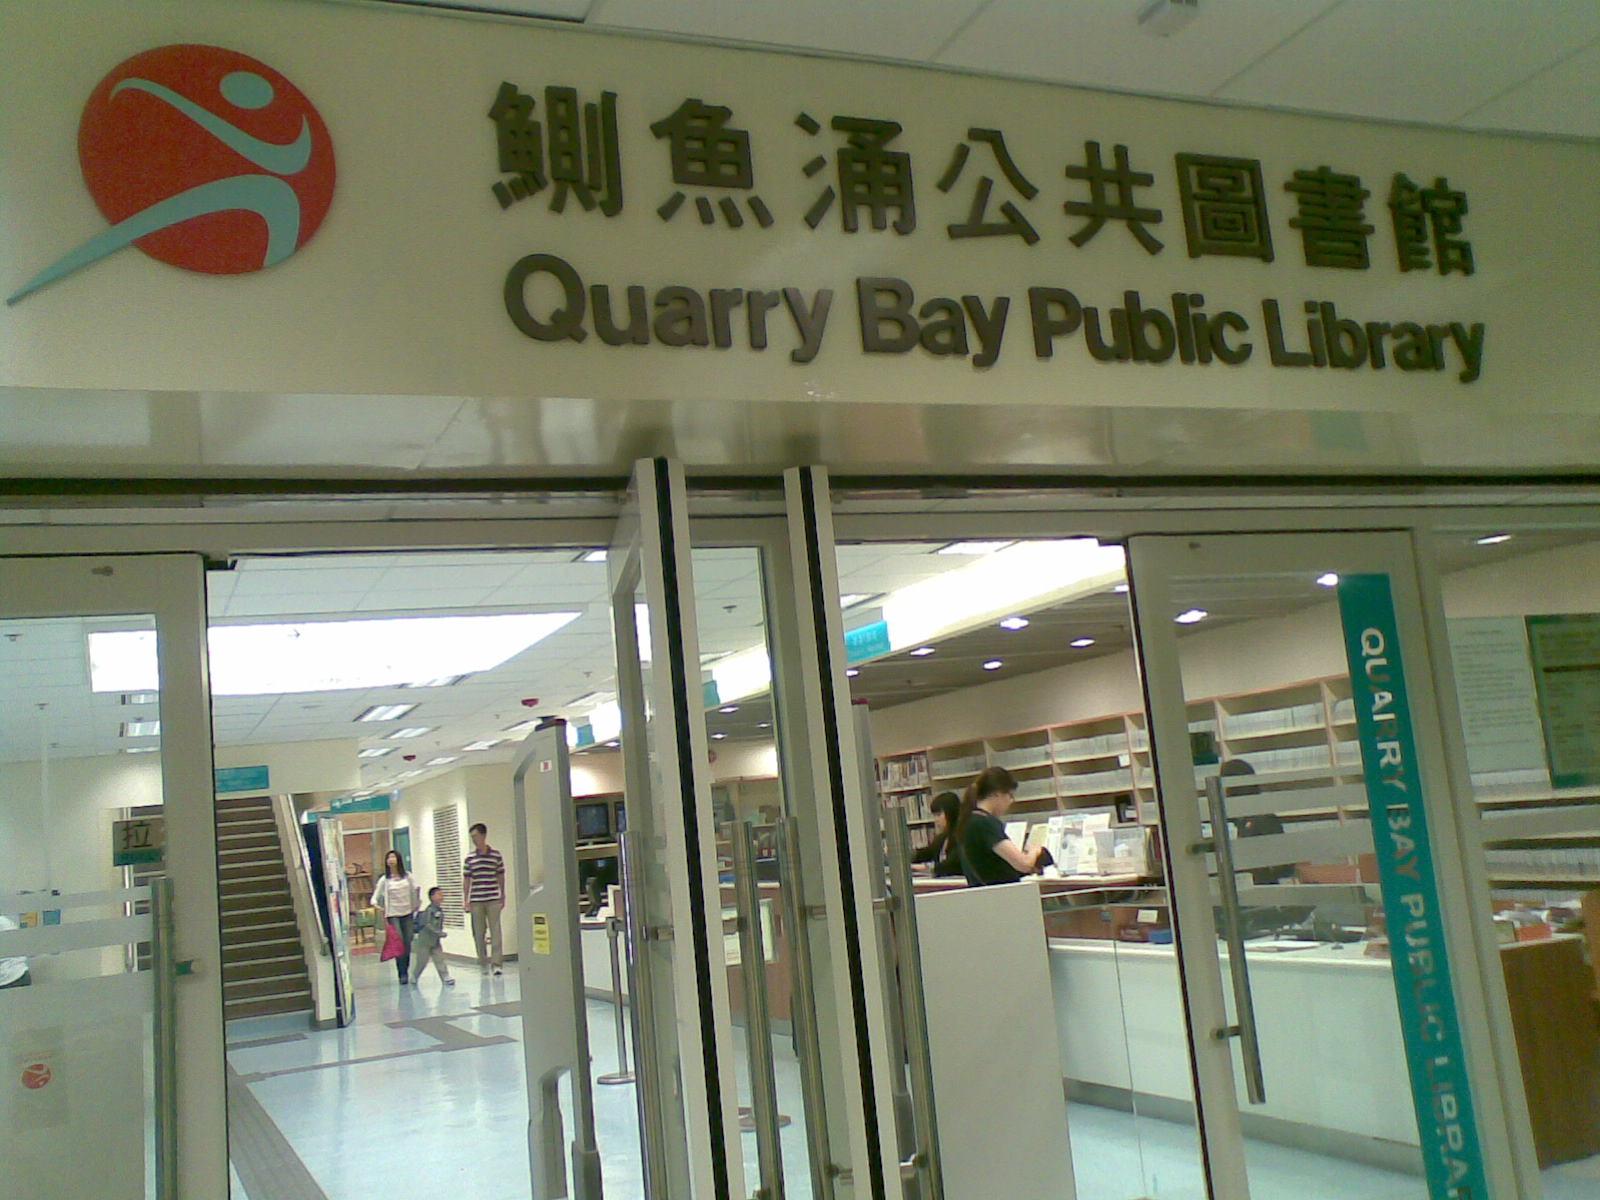 Charlie-Chalaza: 獵圖5: 鰂魚涌公共圖書館